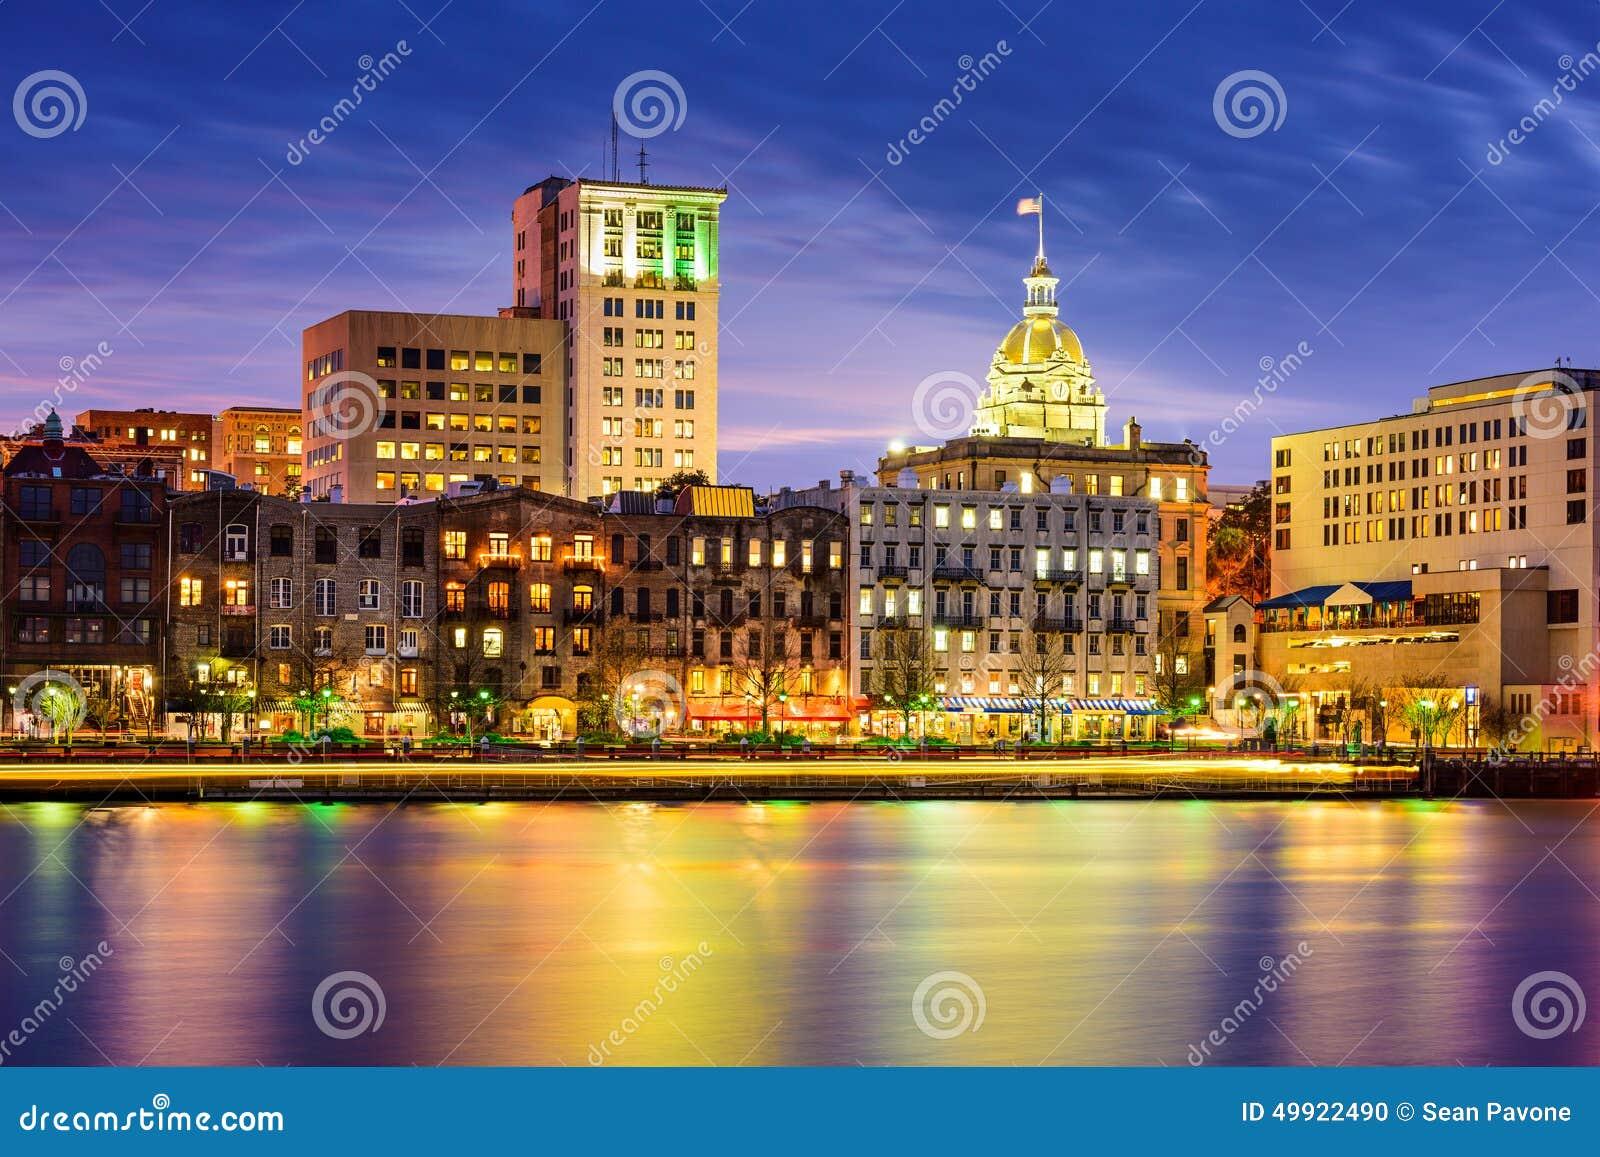 Savannah Georgia Riverfront Skyline Stock Photo Image